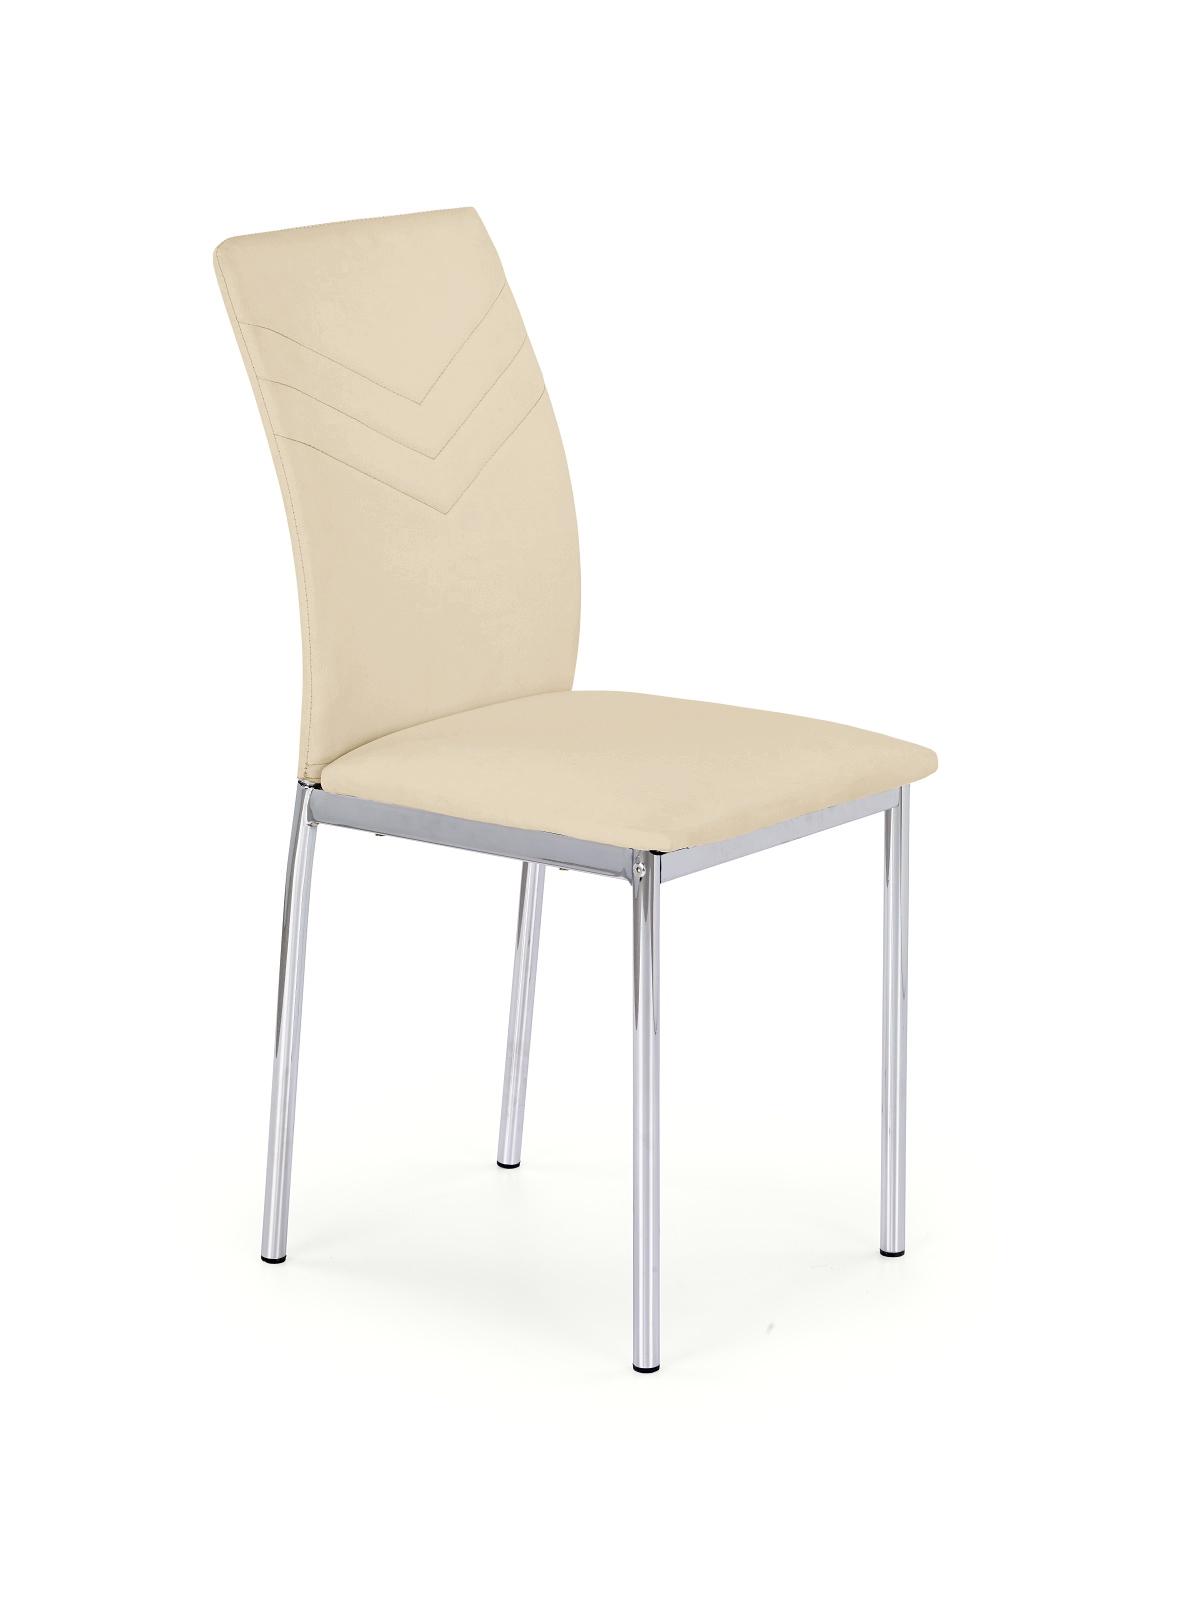 Scaun tapitat cu piele ecologica, cu picioare metalice K137 Beige, l43xA49xH92 cm